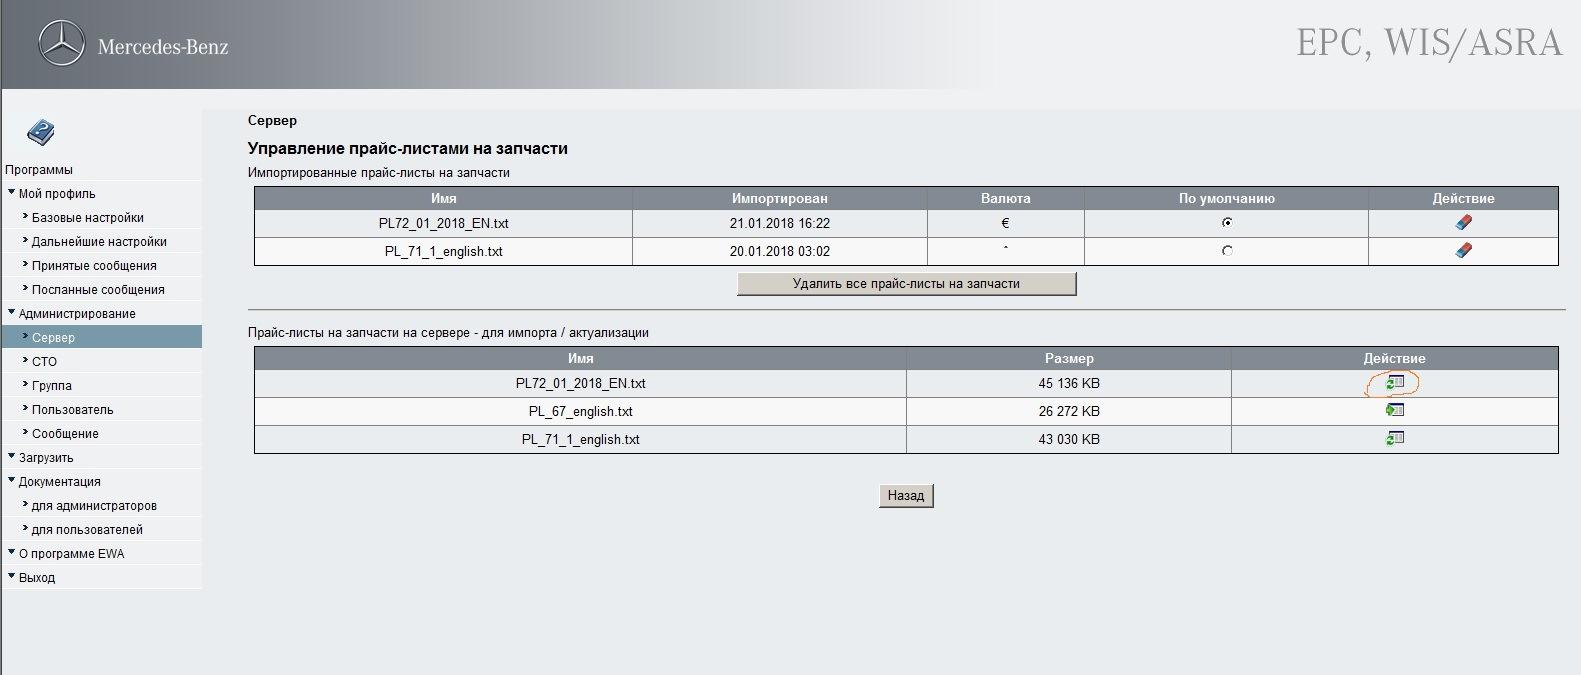 Импорт цен из прайс-листа Mercedes PL в EPC — Mercedes-Benz